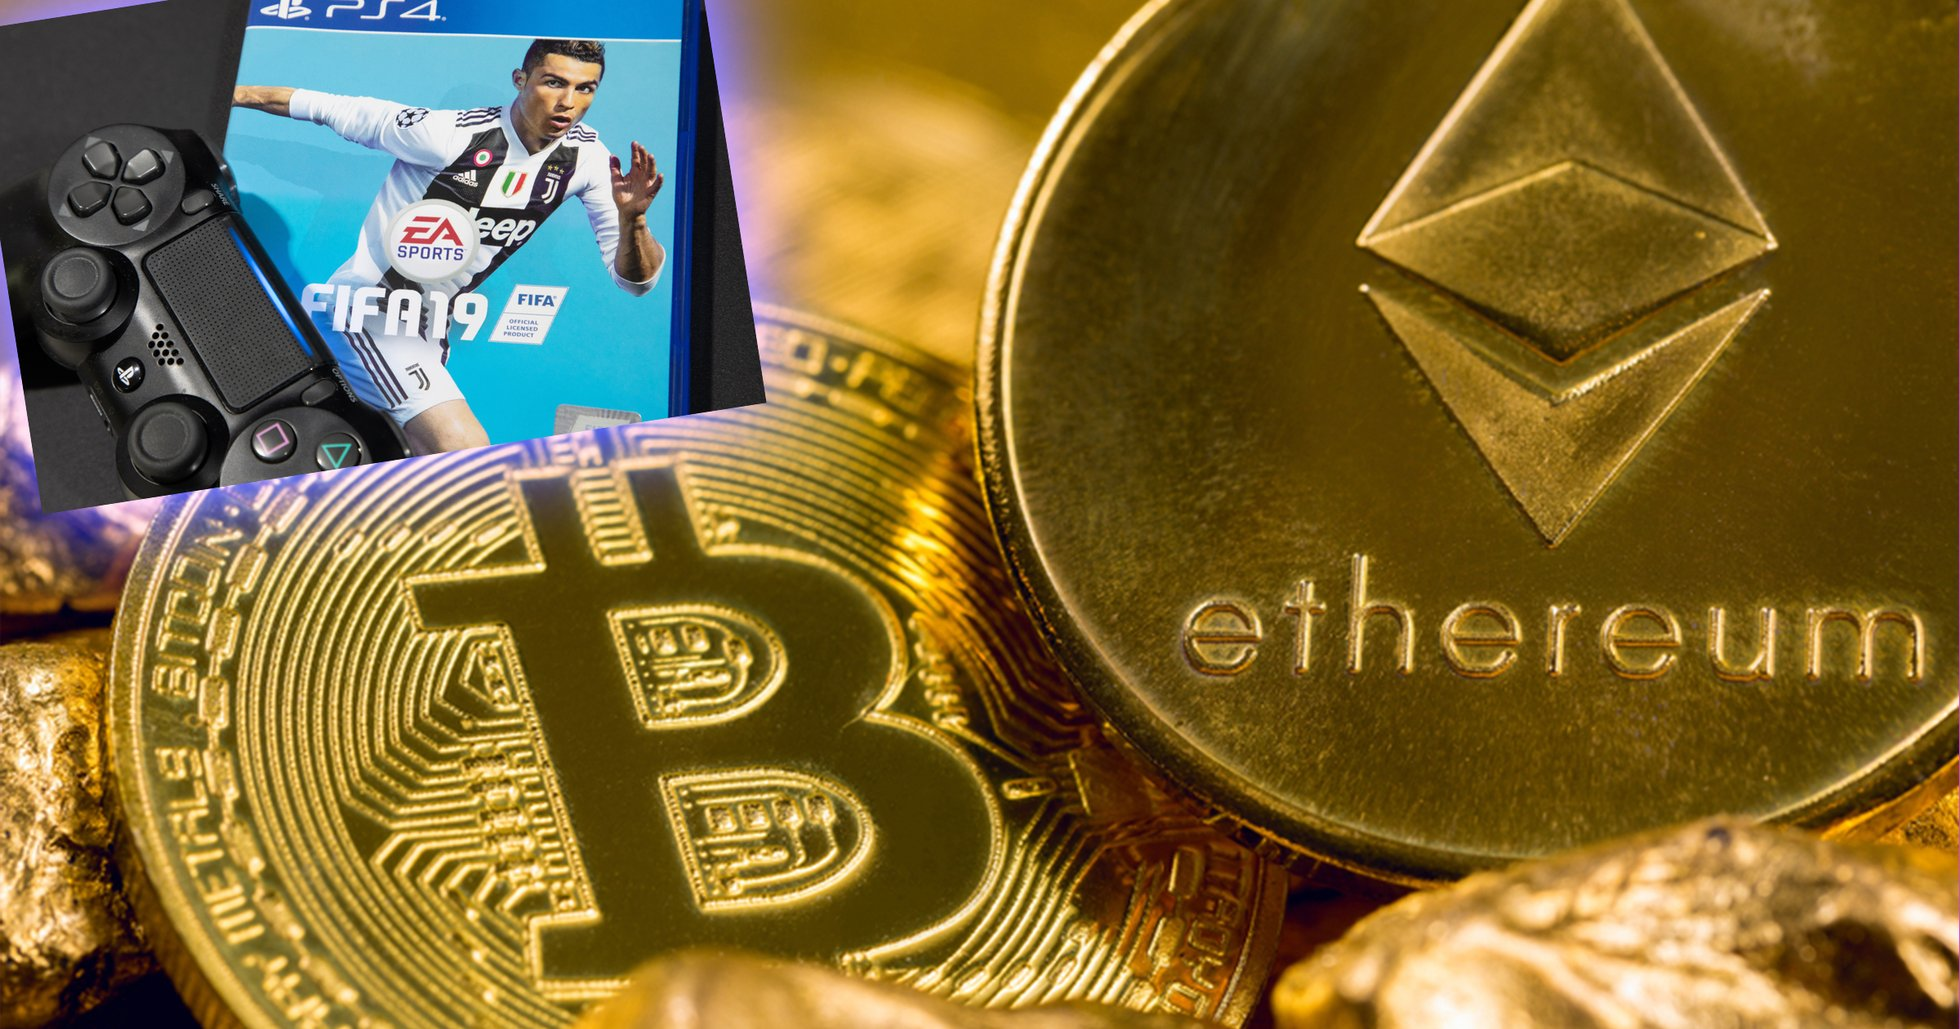 Det här är skillnaden mellan coins, tokens och virtuella valutor